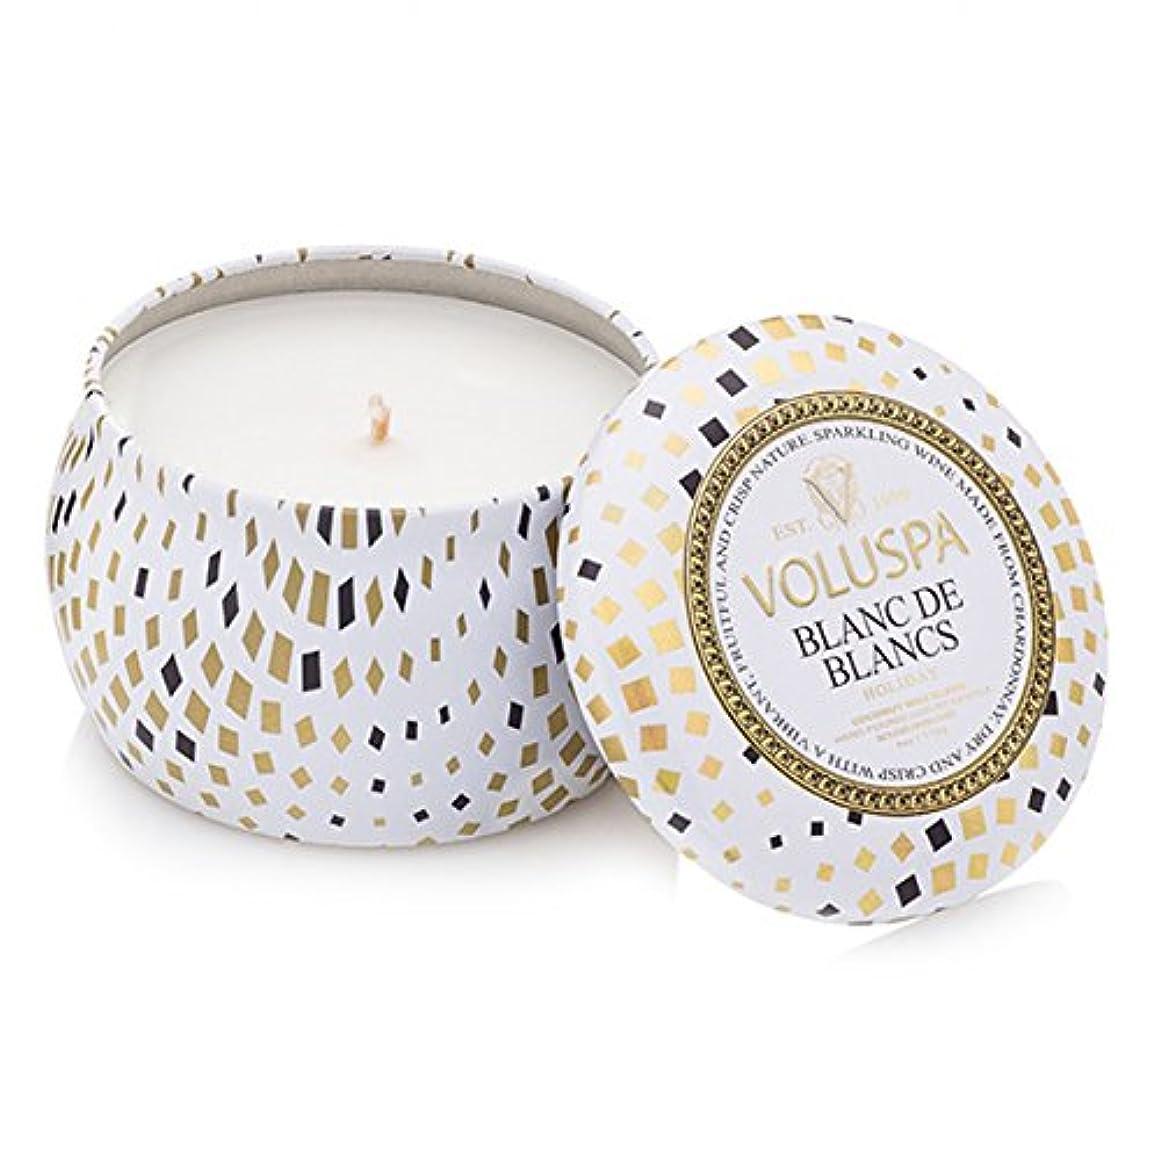 ポータブルテキストサスティーンVoluspa ボルスパ メゾンホリデー ティンキャンドル  S ブラン ド ブラン BLANC DE BLANCS MASION HOLIDAY PETITE Tin Glass Candle